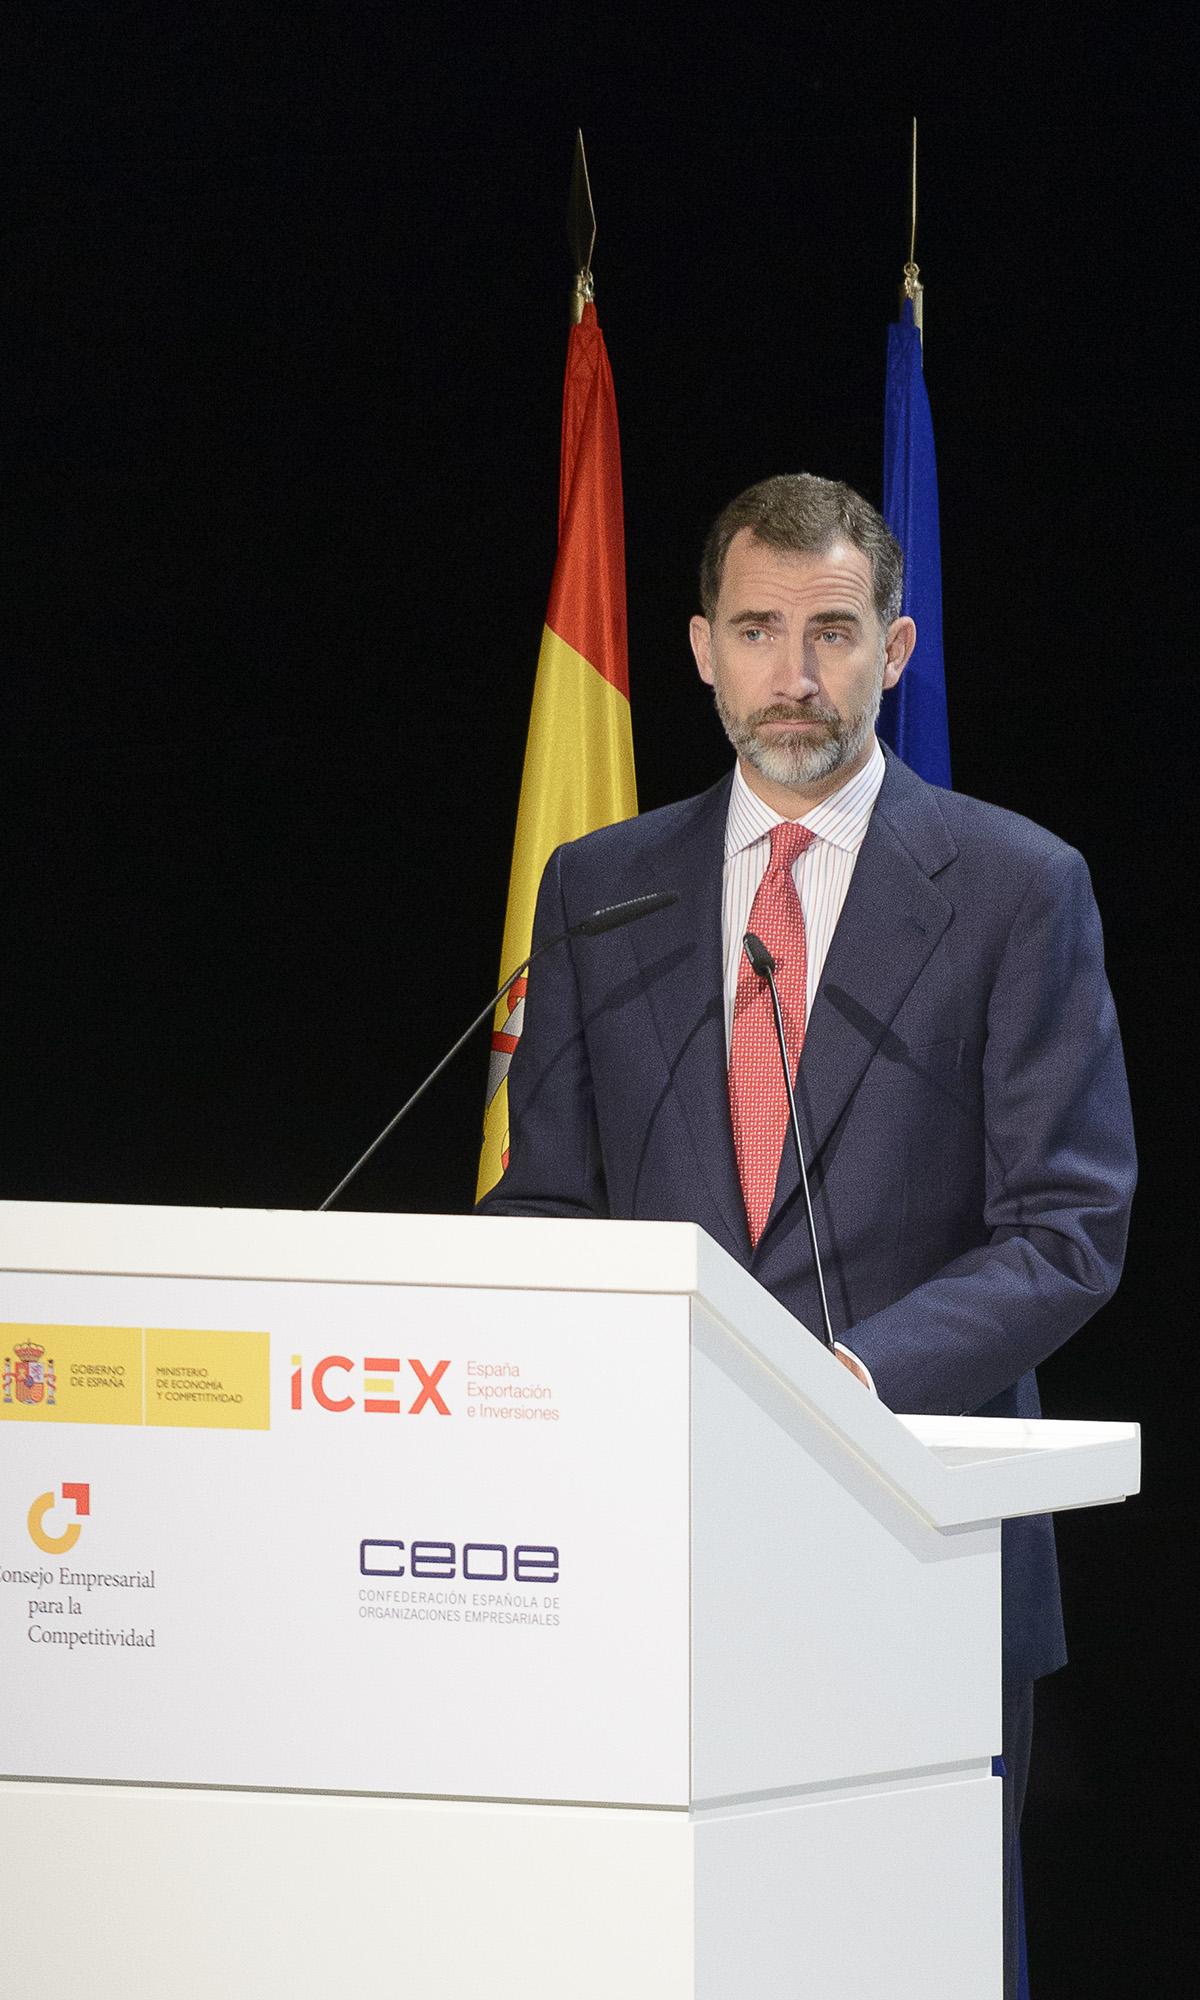 Felipe VI en la jornada de CEOE ICEX, foto Alfonso Esteban (STB Estudio)